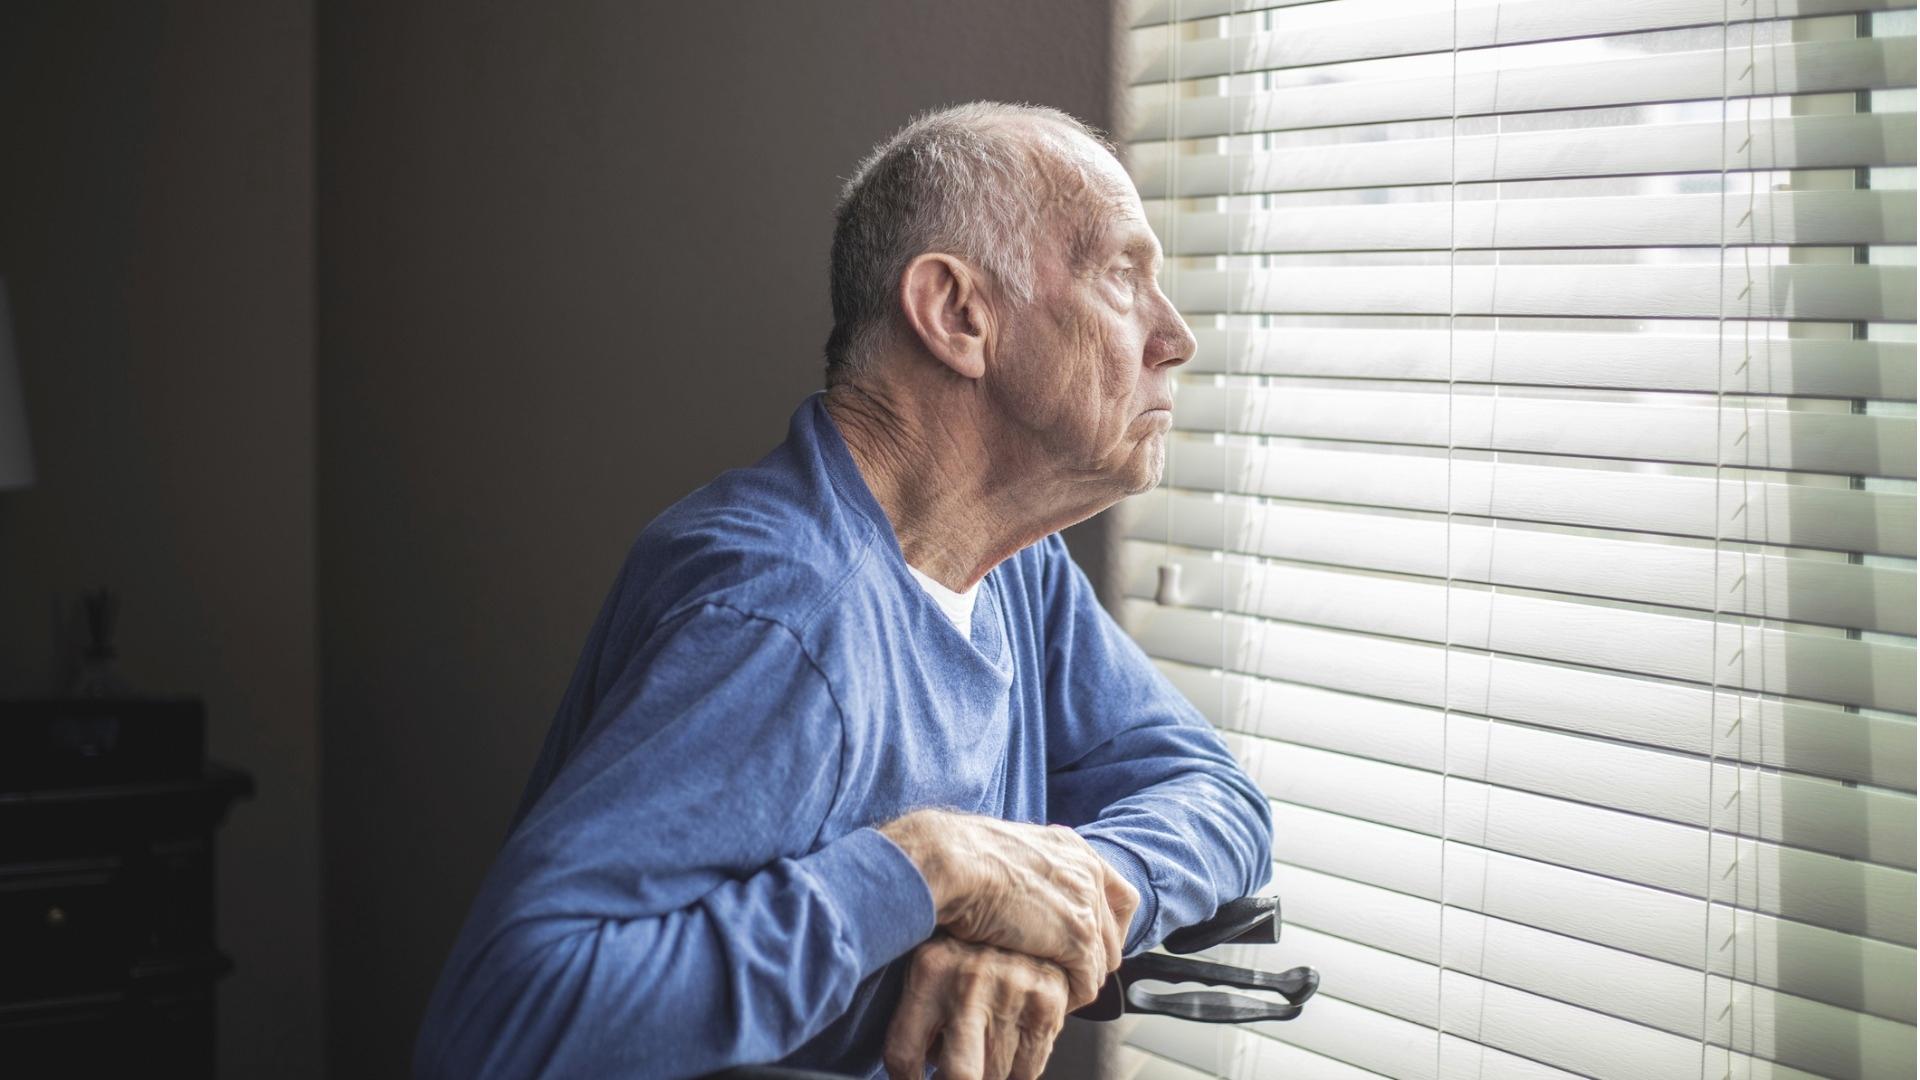 Ministeriö toivoo myös esteettömän asumisen helpottavan vanhusten kotona pärjäämistä. Esteettömyys ei silti poista hoivaajan tarvetta, jos ikääntynyt ei enää pysty liikkumaan ilman apua.